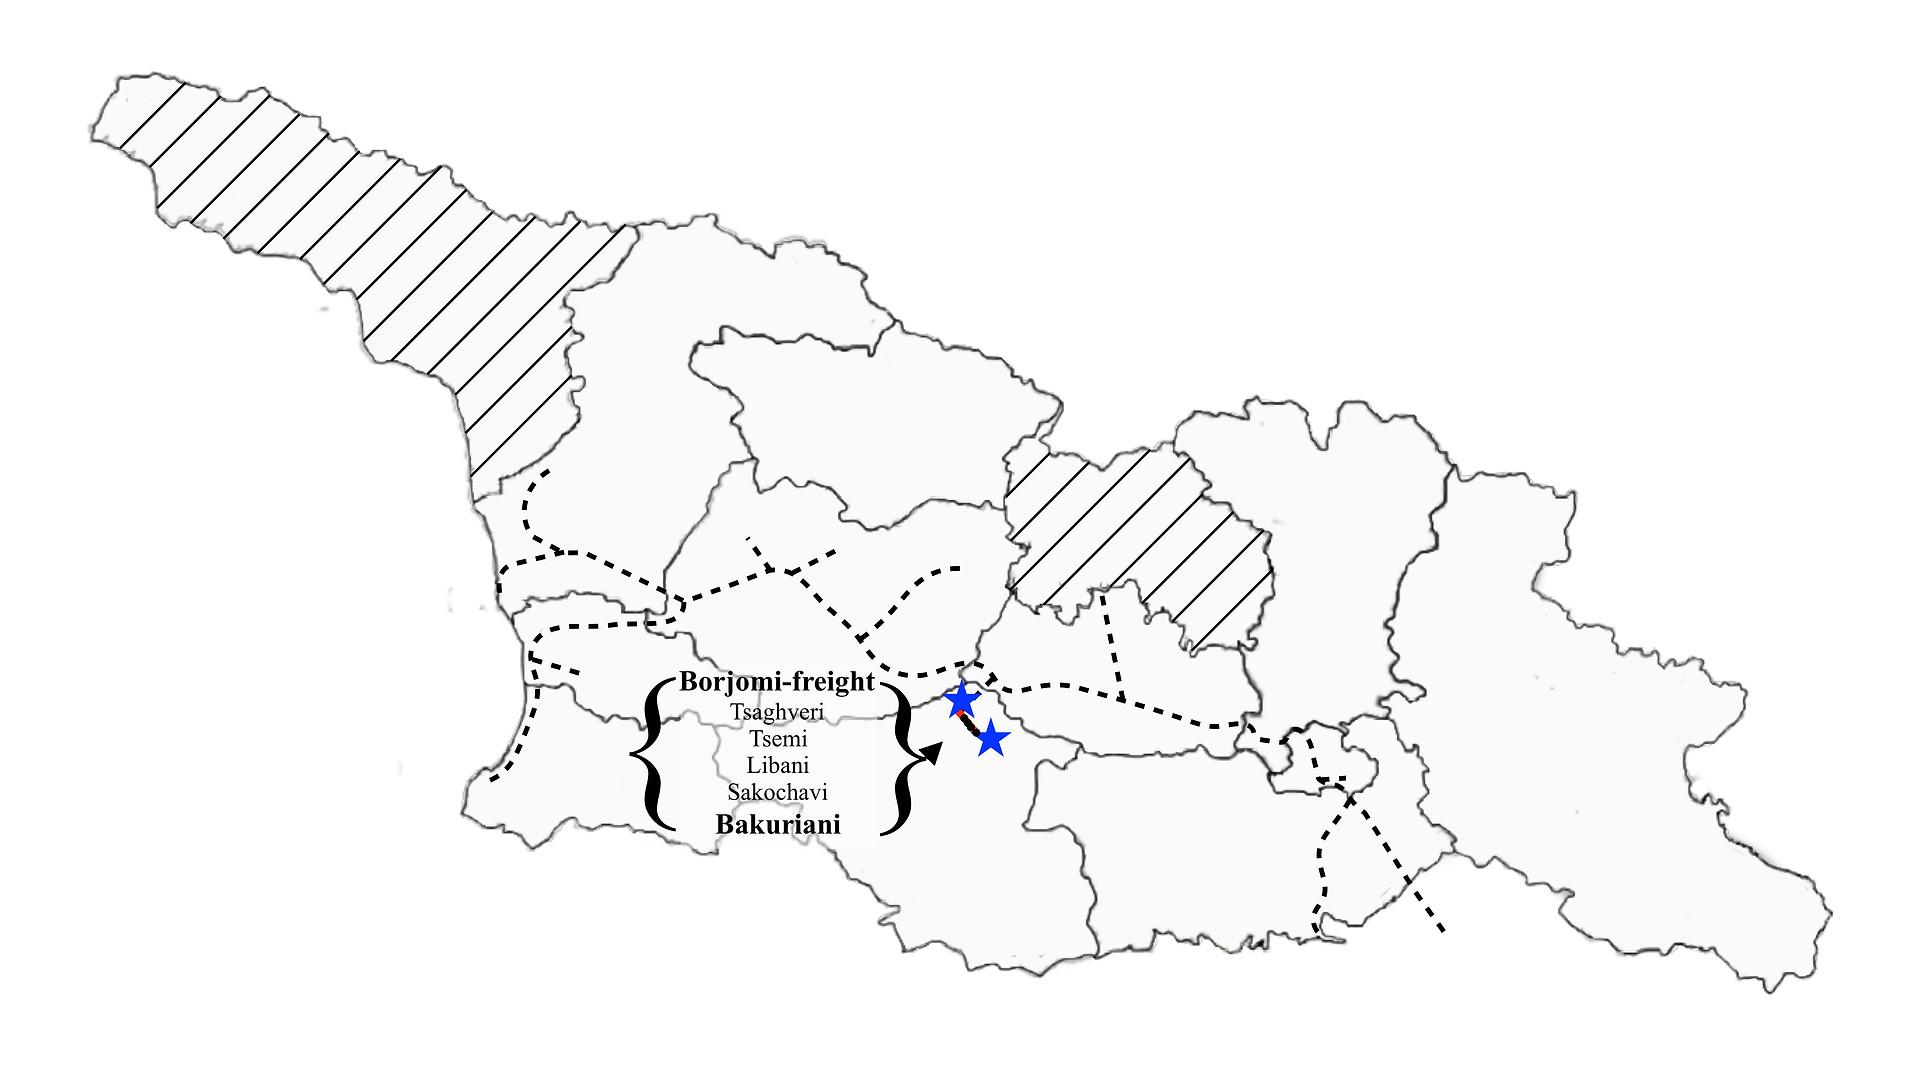 Bakuriani to Borjomi